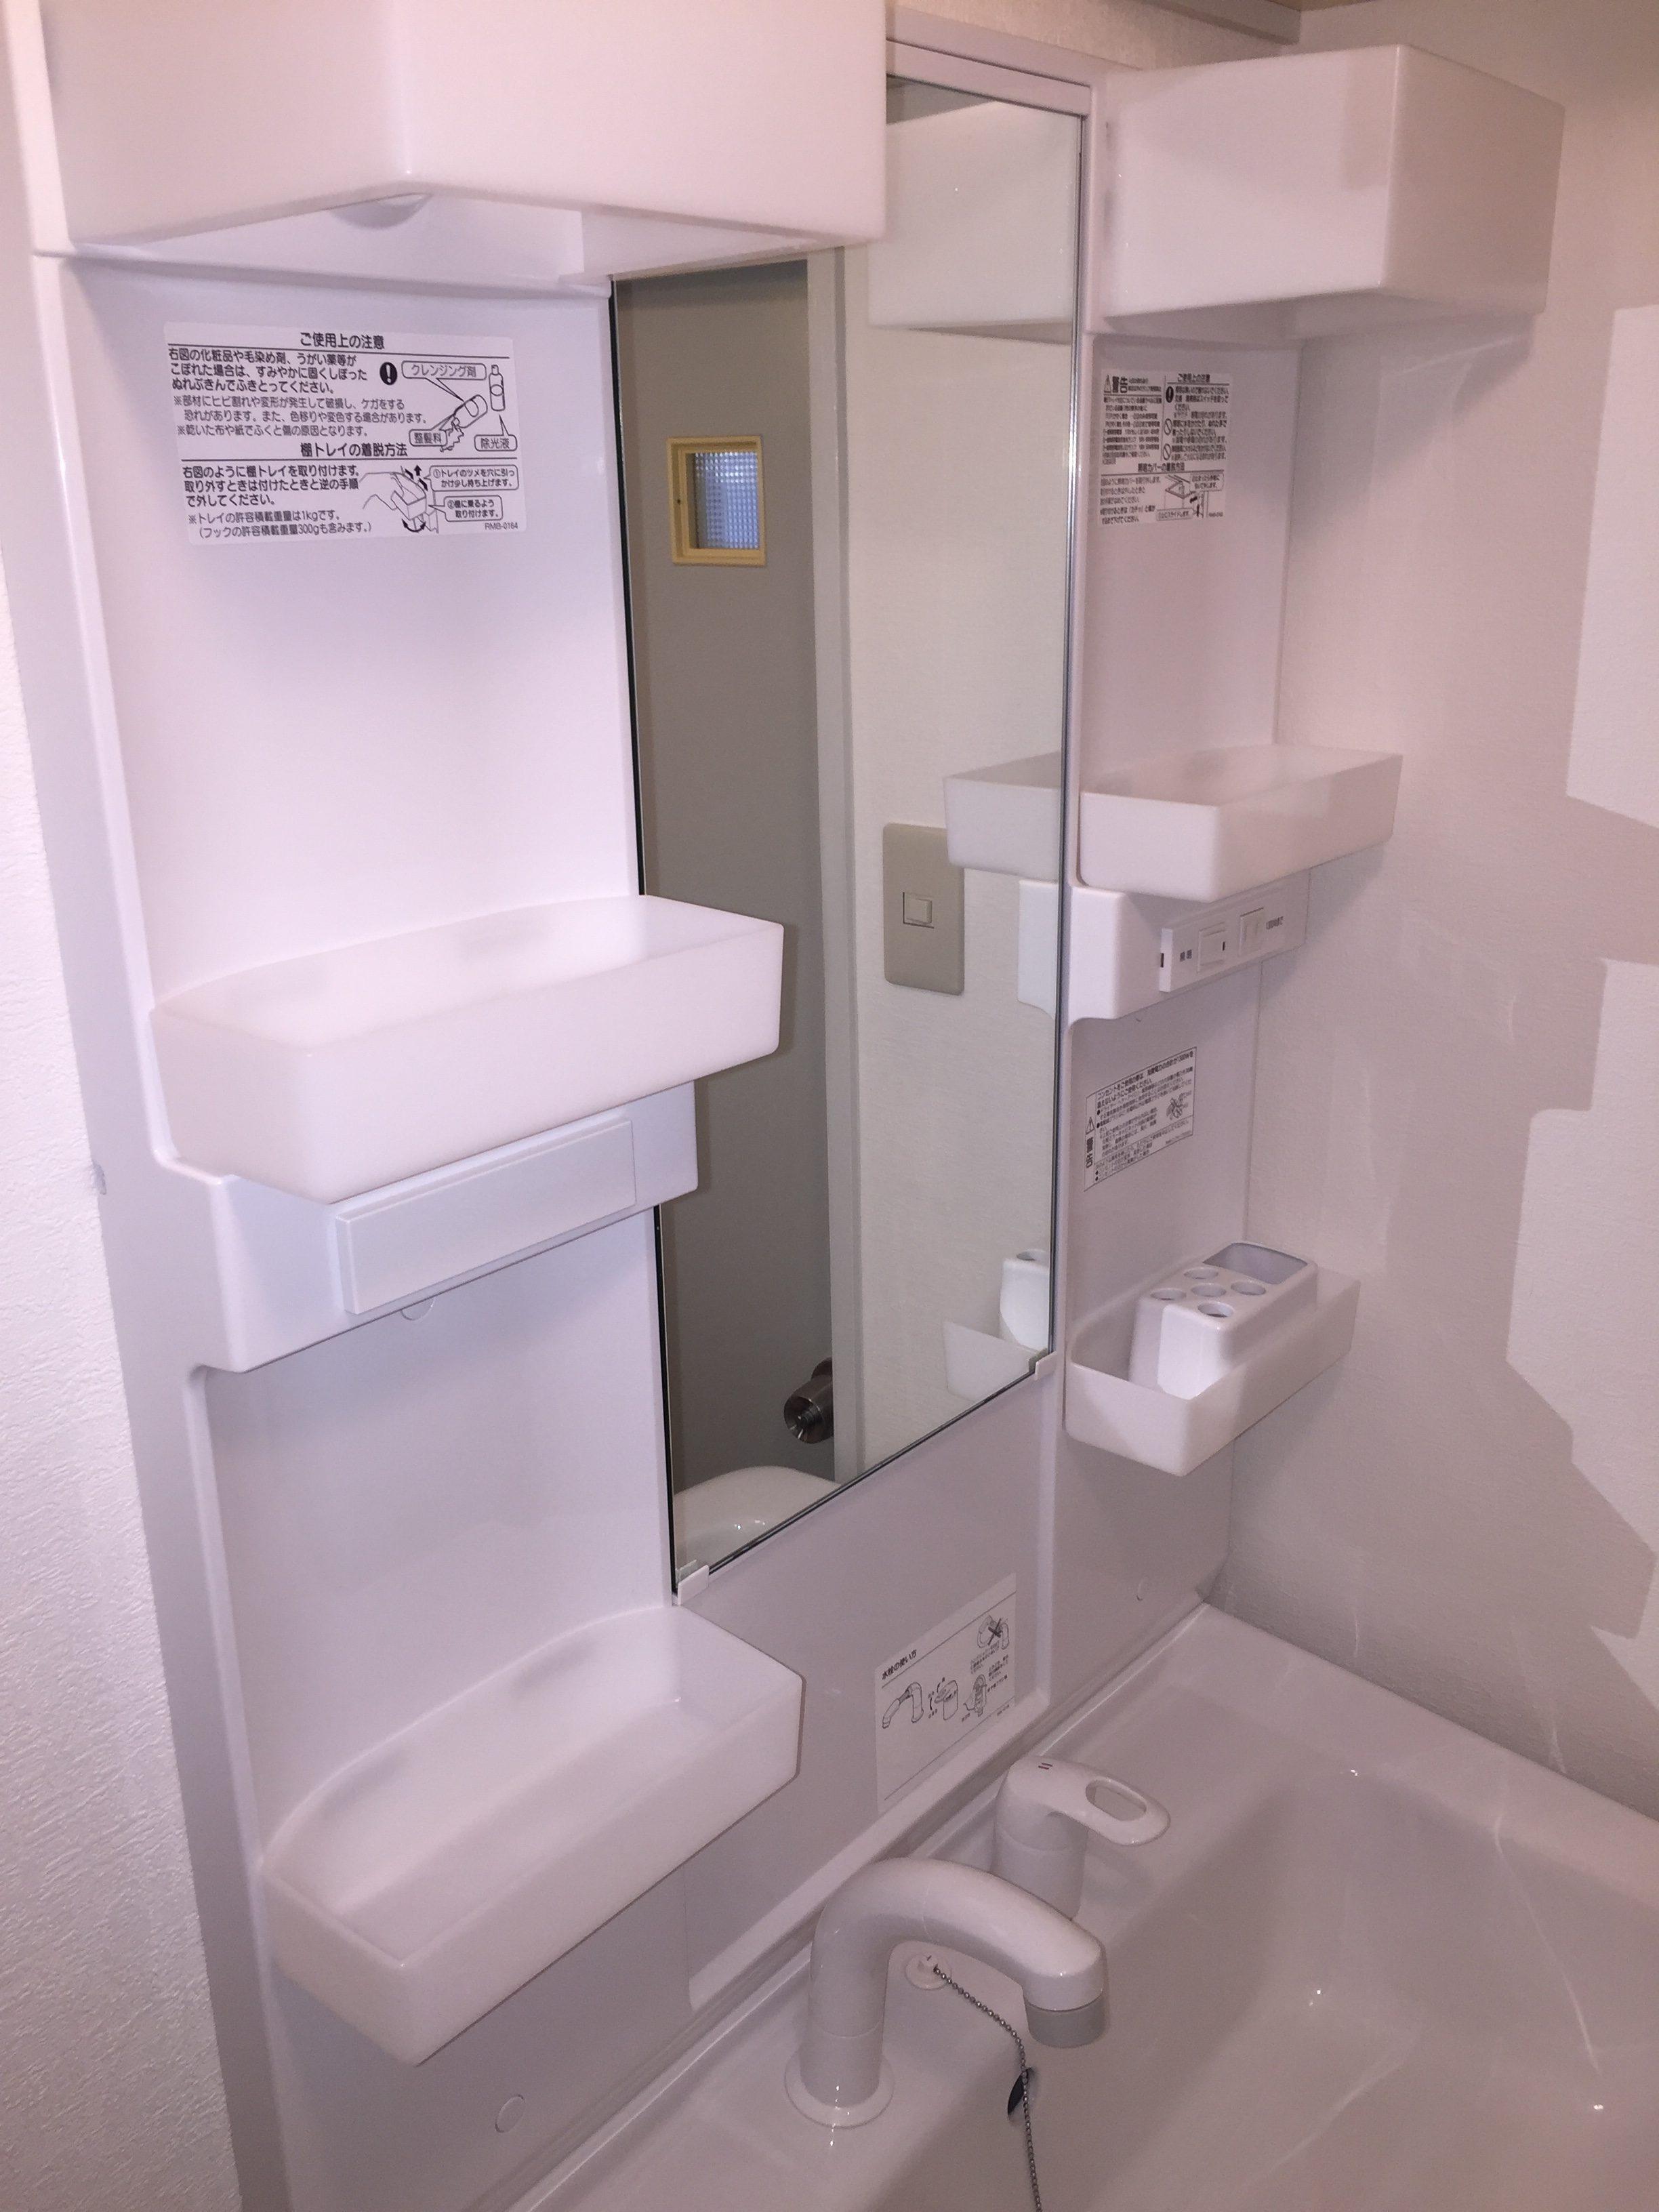 伊丹市 お風呂(浴室)「鏡クリーニング」 ハウスクリーニング/お掃除 おそうじプラス